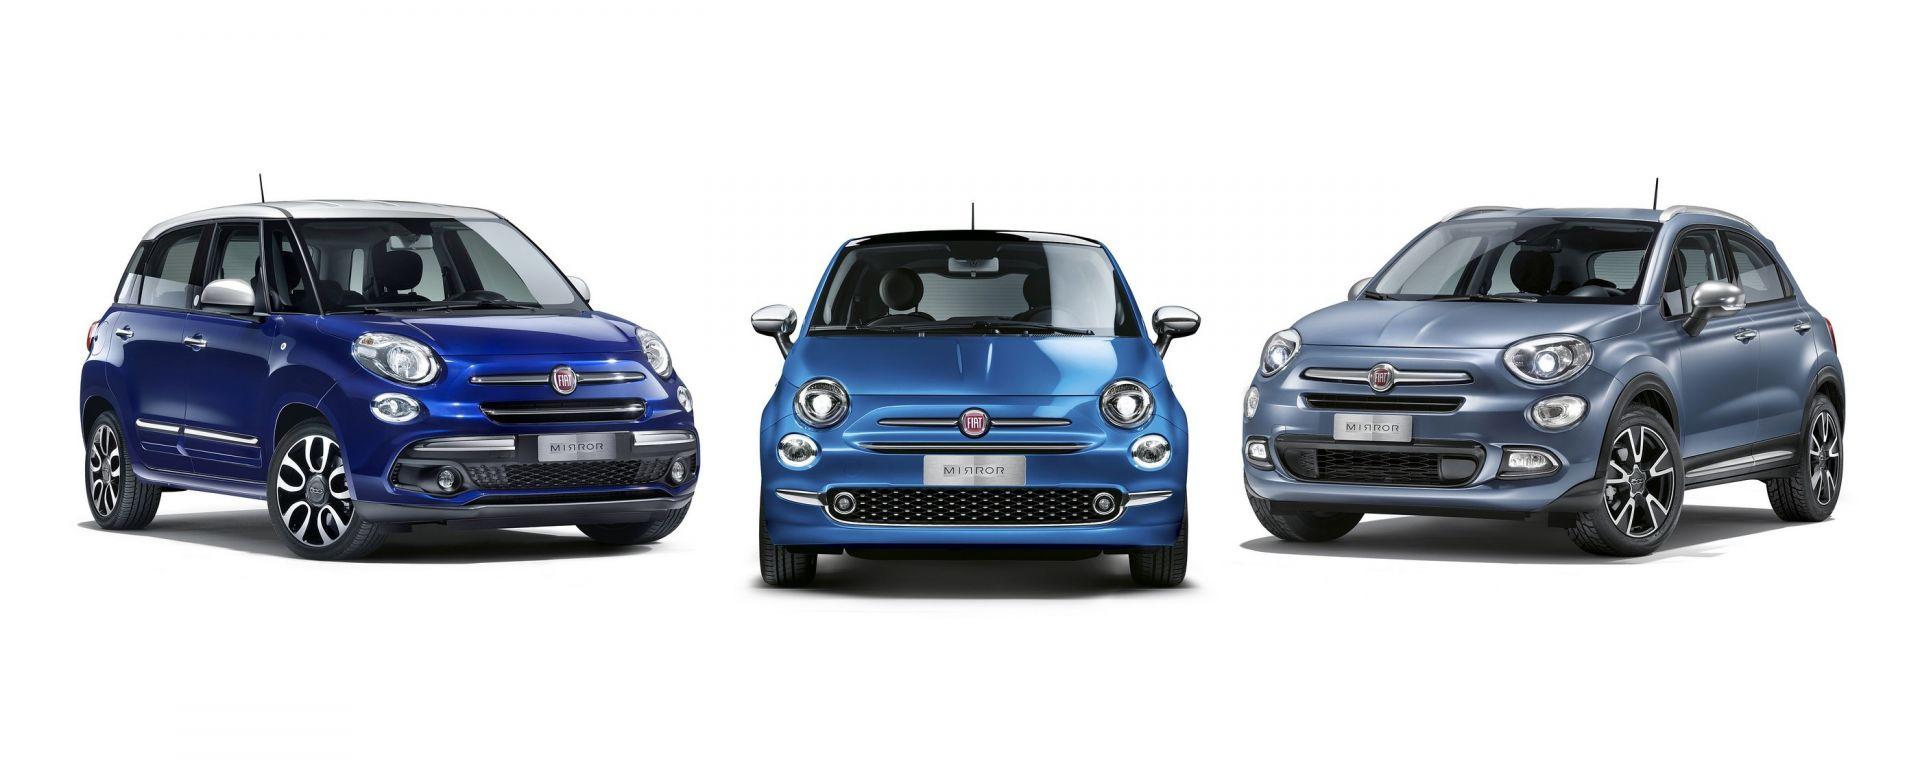 Fiat: al via gli ordini della famiglia ultraconnessa Fiat 500 Mirror